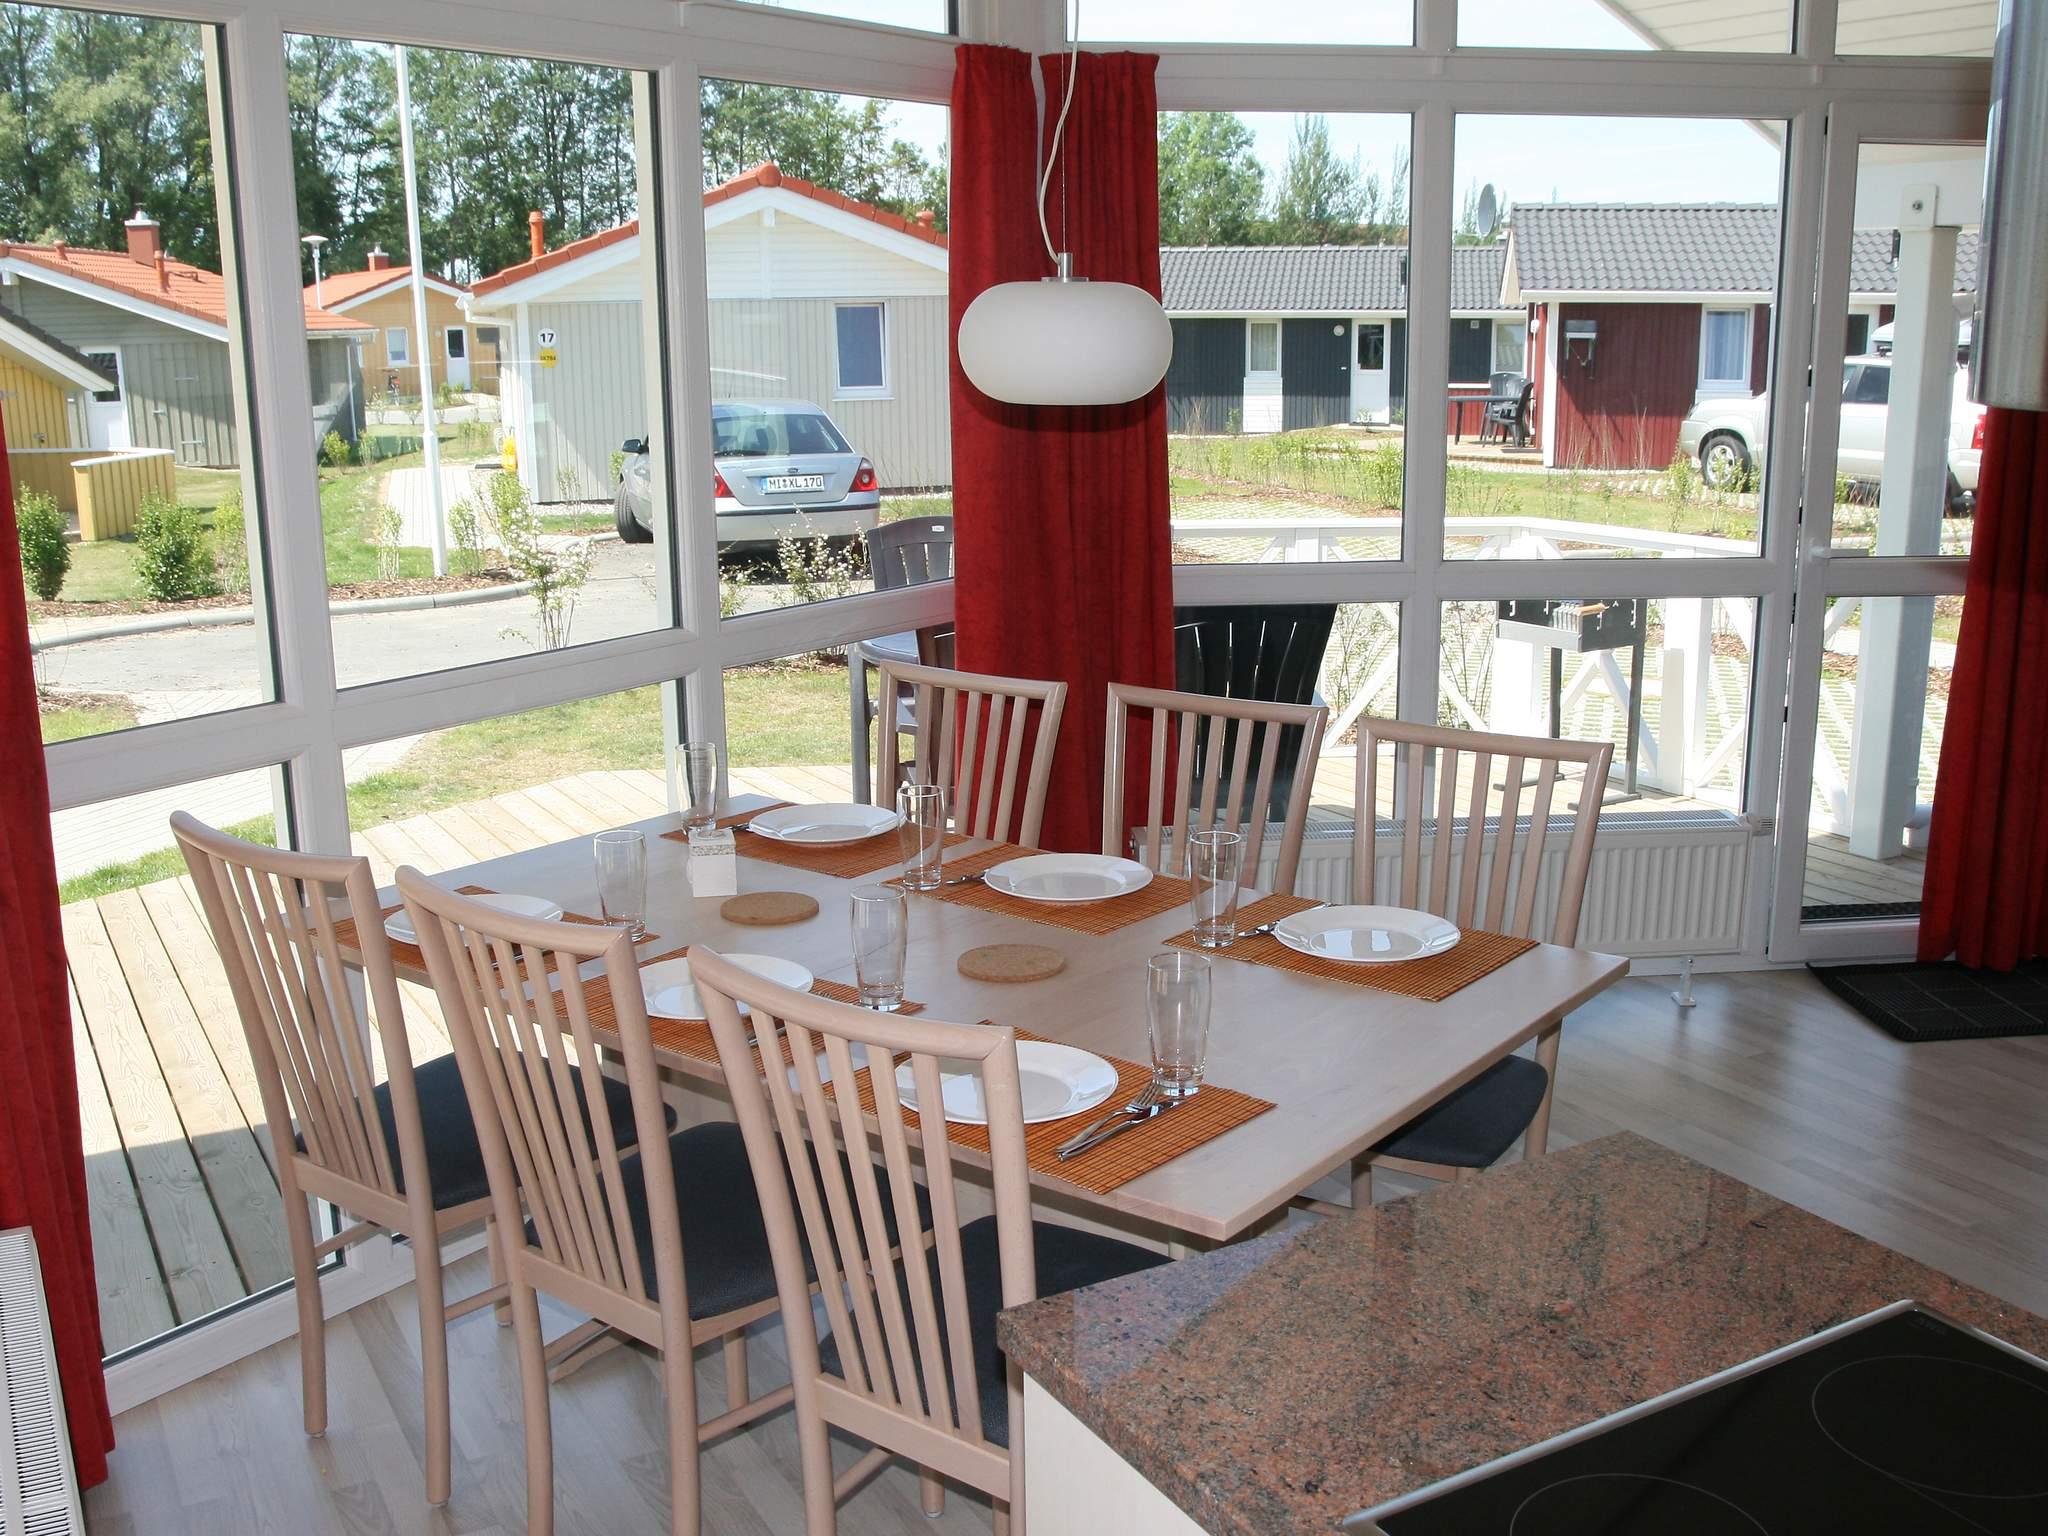 Maison de vacances Grömitz (433402), Grömitz, Baie de Lübeck, Schleswig-Holstein, Allemagne, image 3